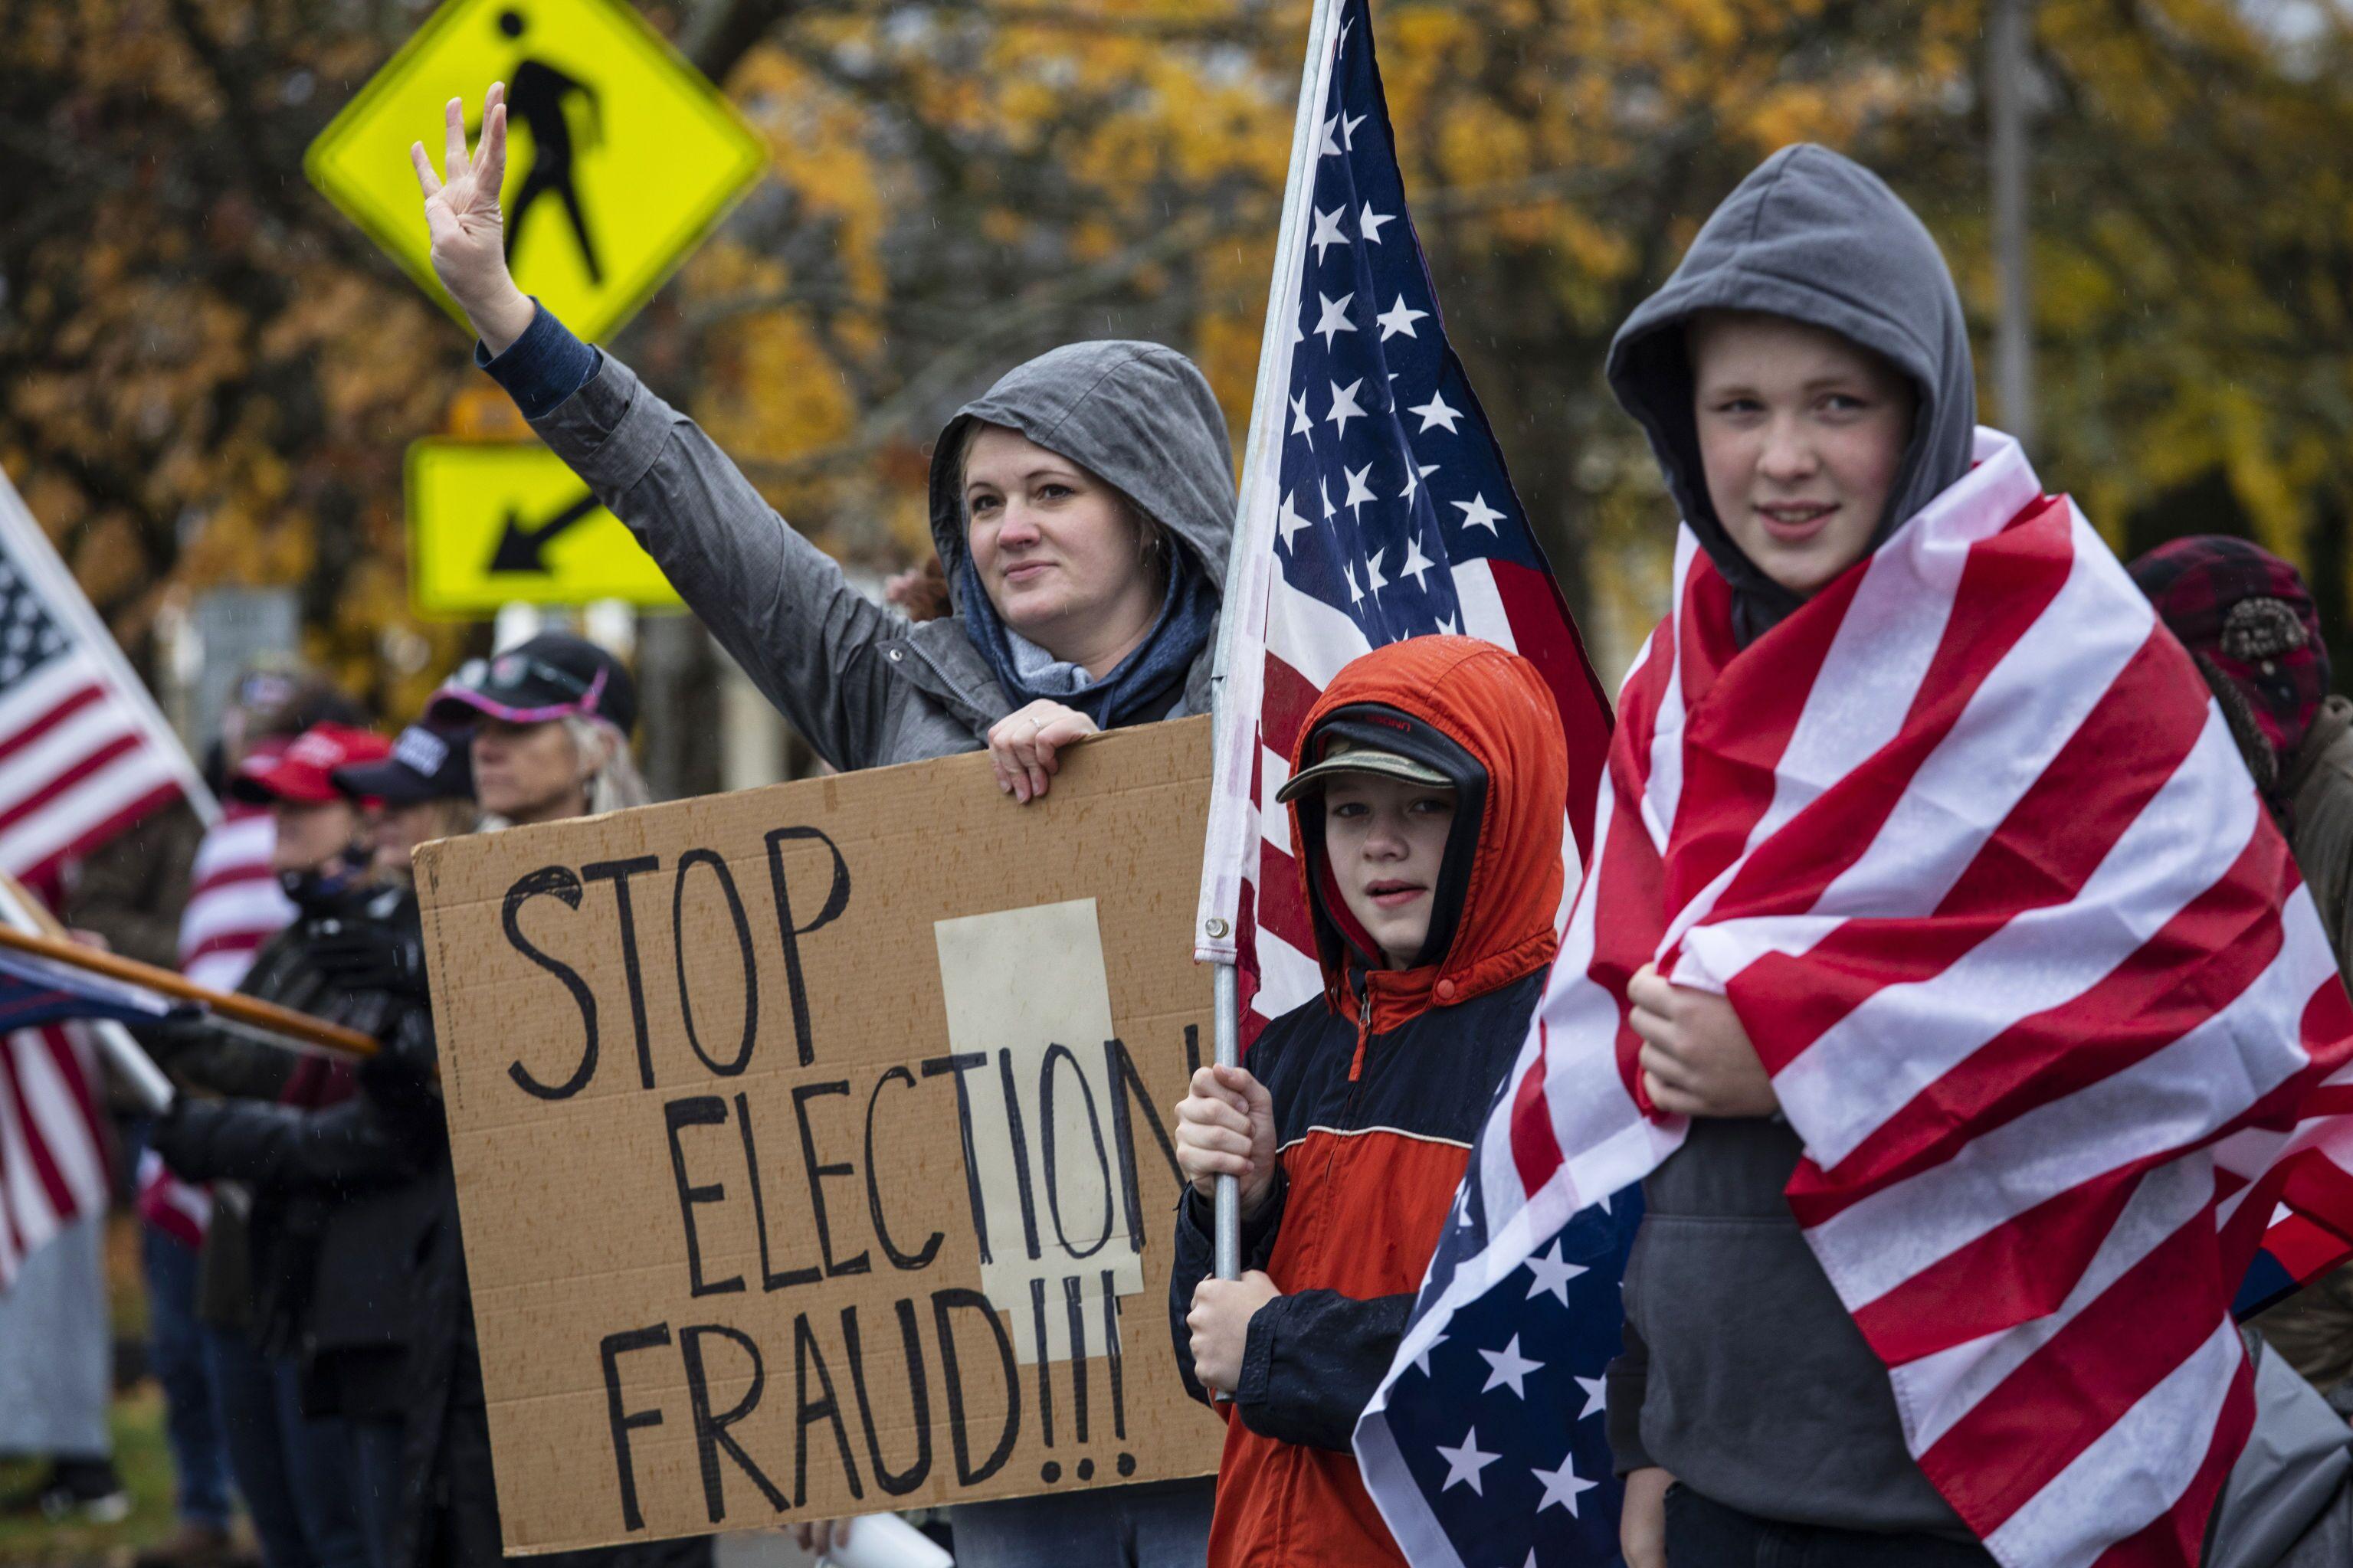 Apoiadores de Trump protestam contra o reconhecimento do resultado das eleições presidenciais, em Salem, Oregon, EUA, 14 de novembro de 2020